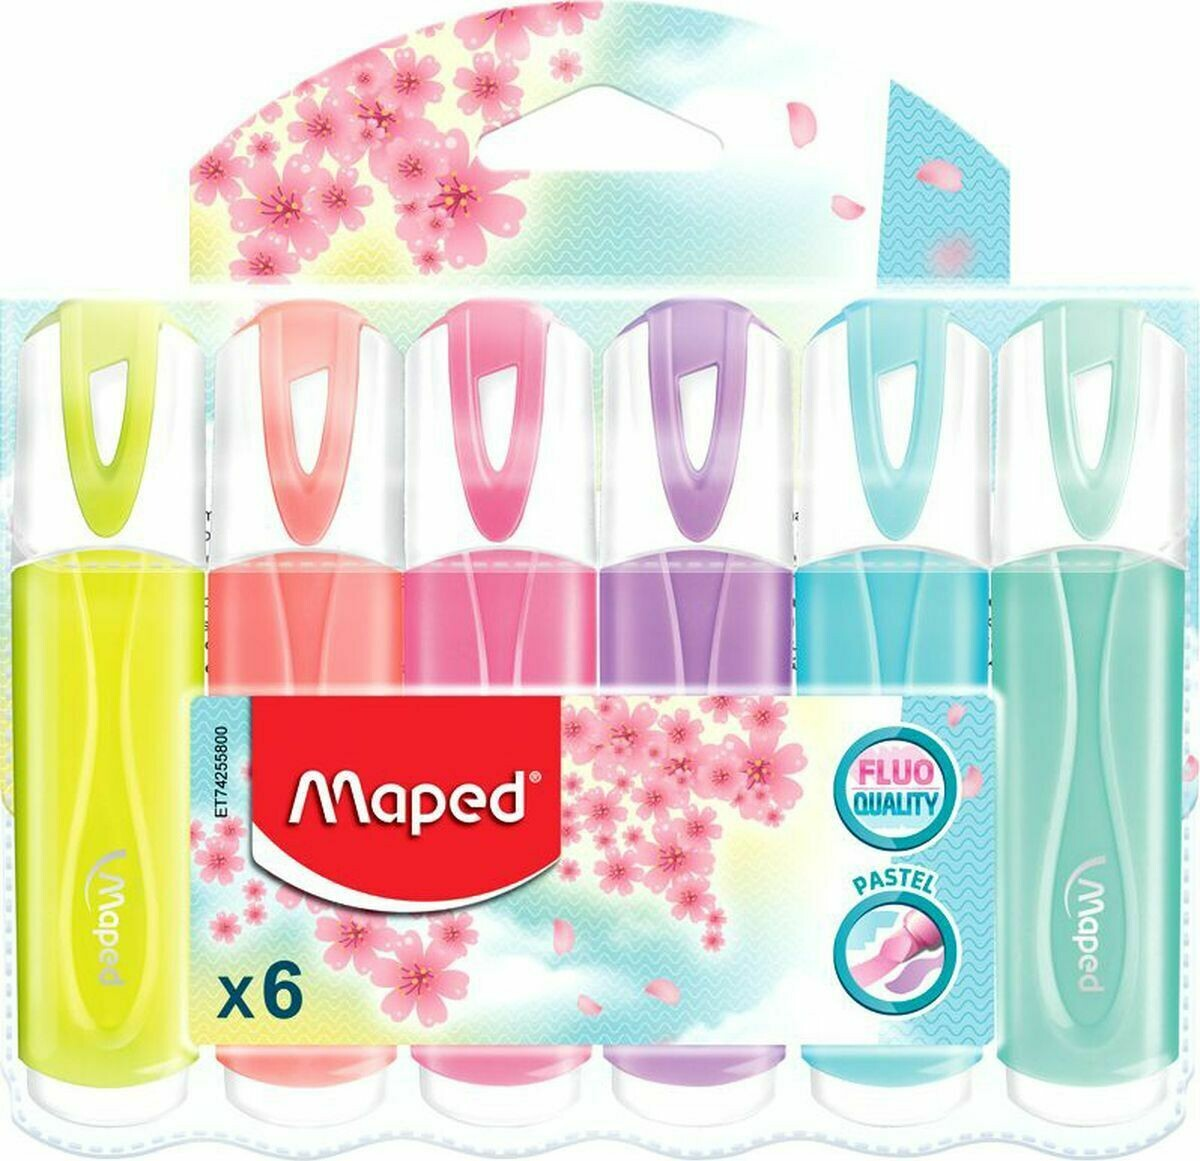 Набор текстовыделителей 6цв 1-5мм Maped Fluo Pep's Classic пастельные цвета